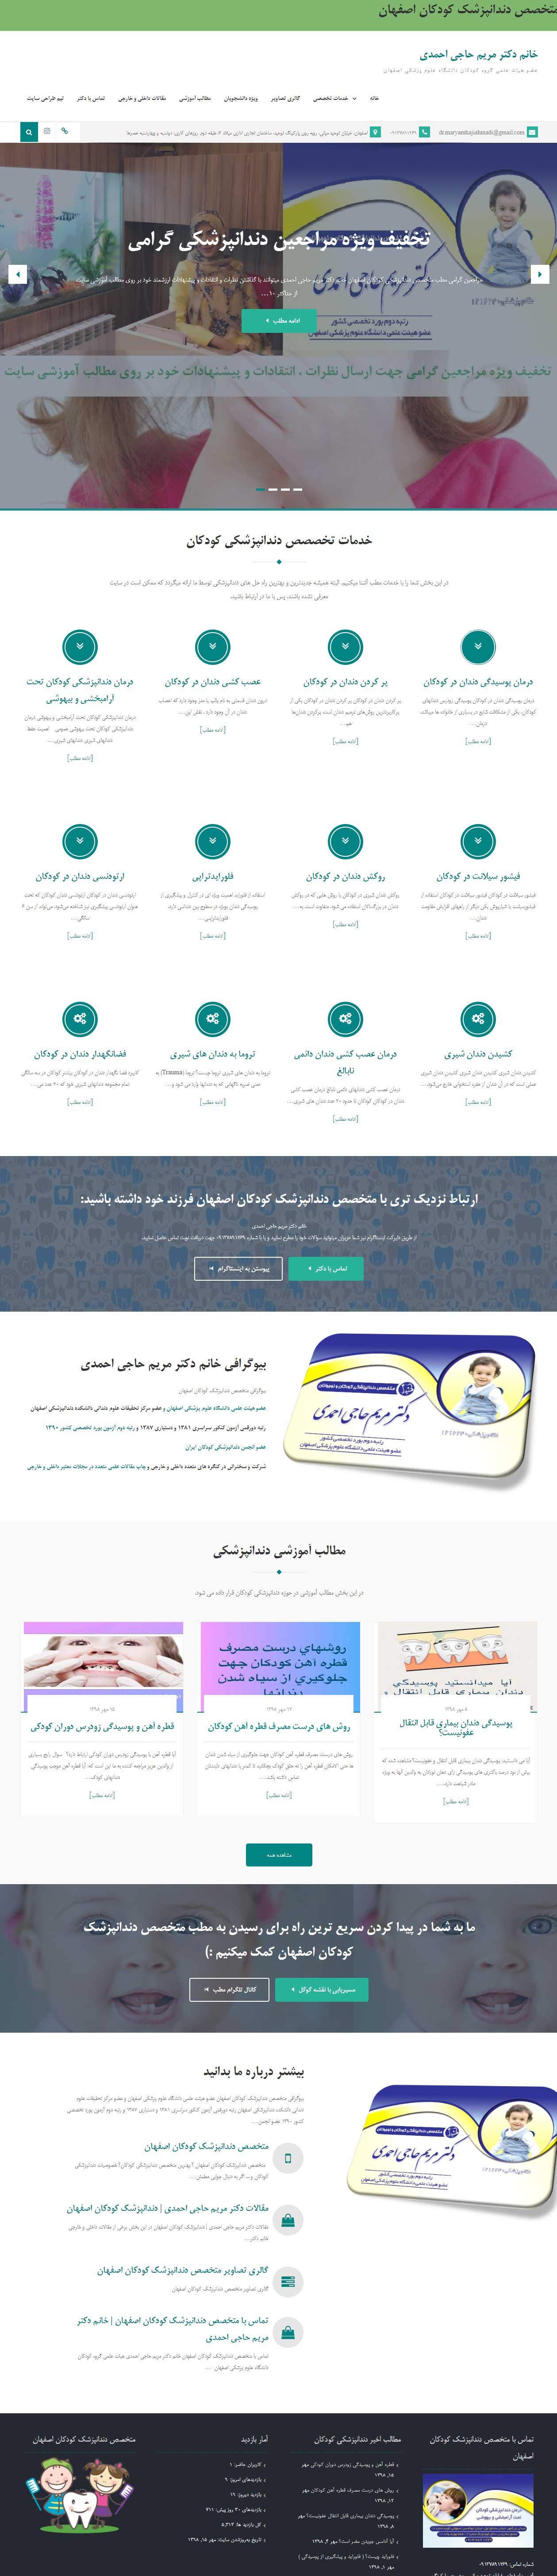 طراحی وب سایت دندان پزشک اطفال